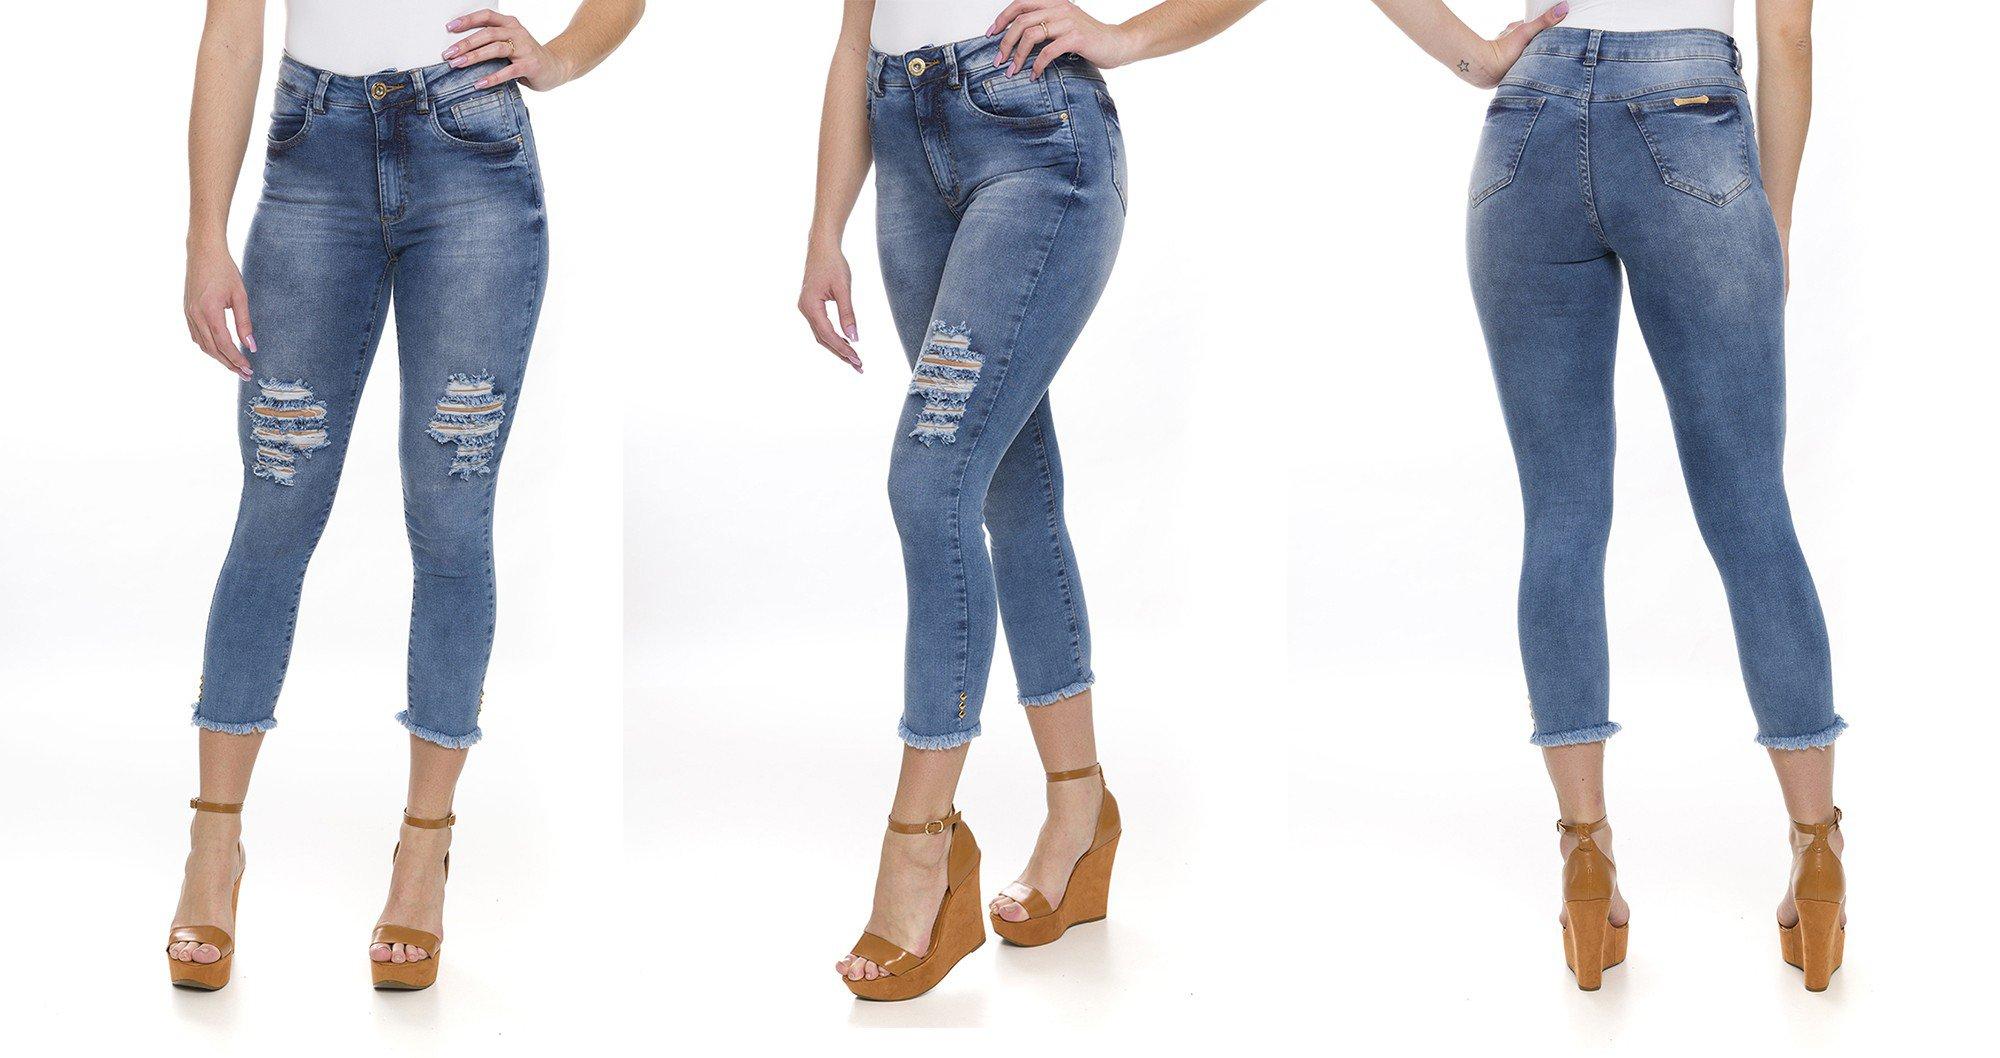 311900 Calça Jeans Cropped Destroyed (montagem)